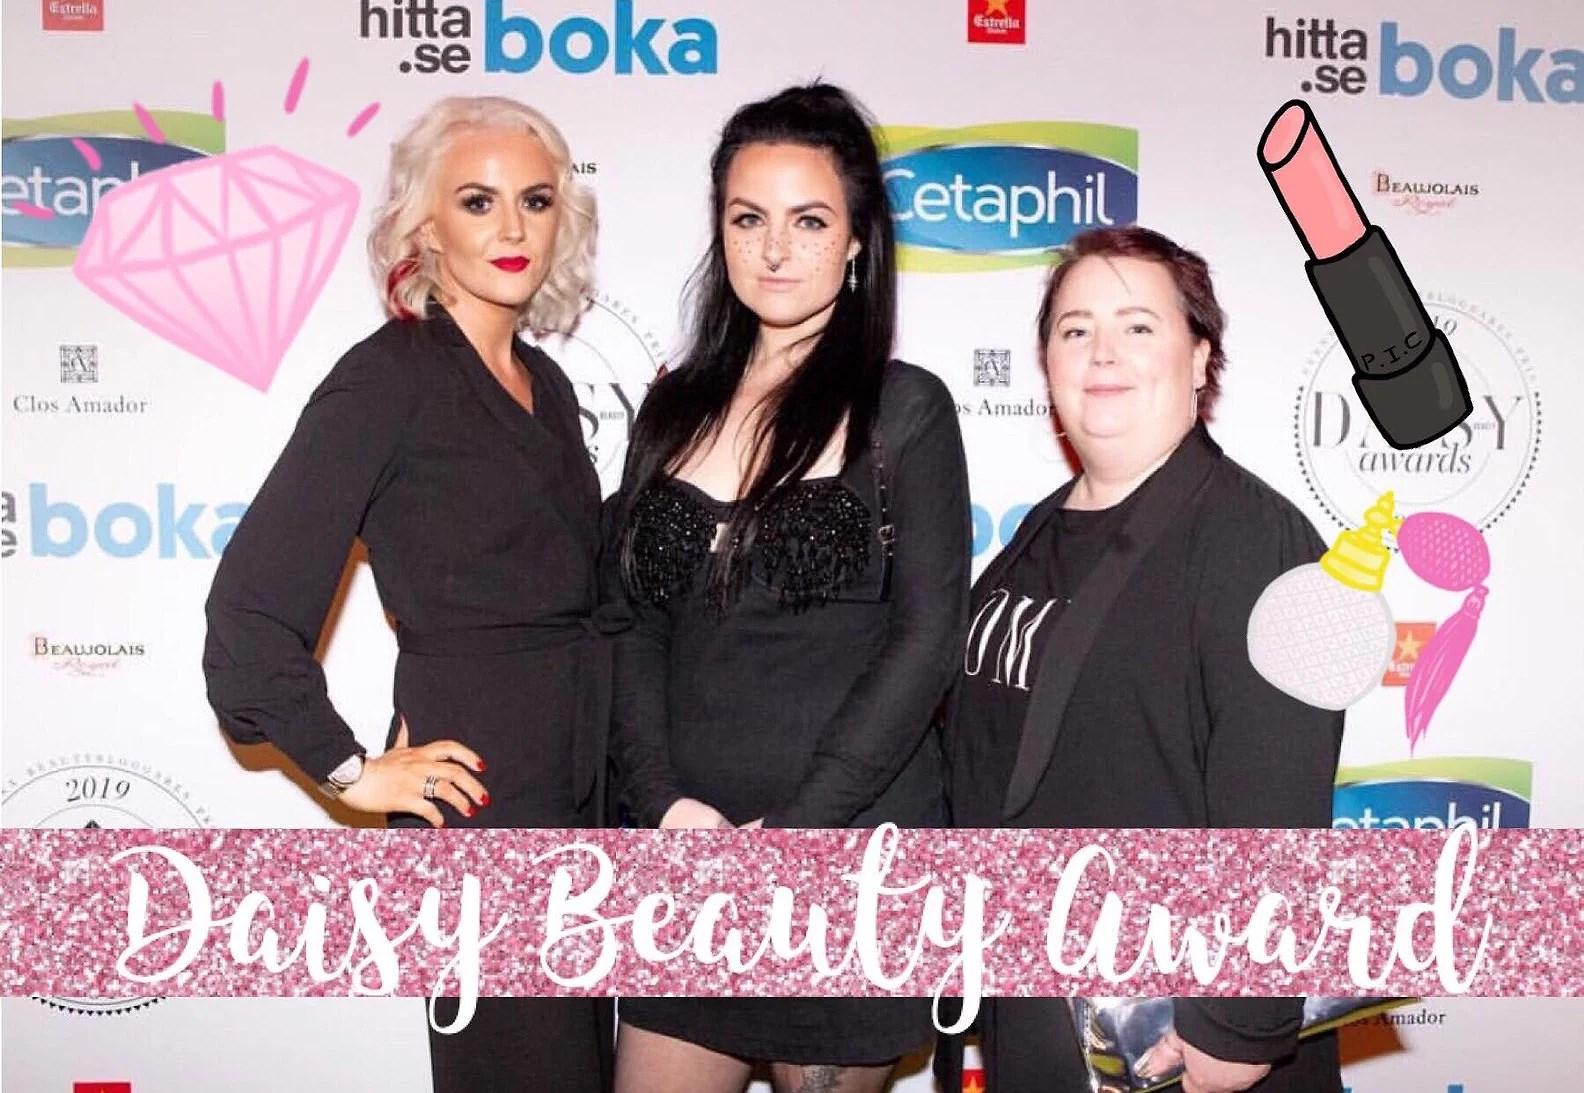 VLOGG - Daisy Beauty Award 2019